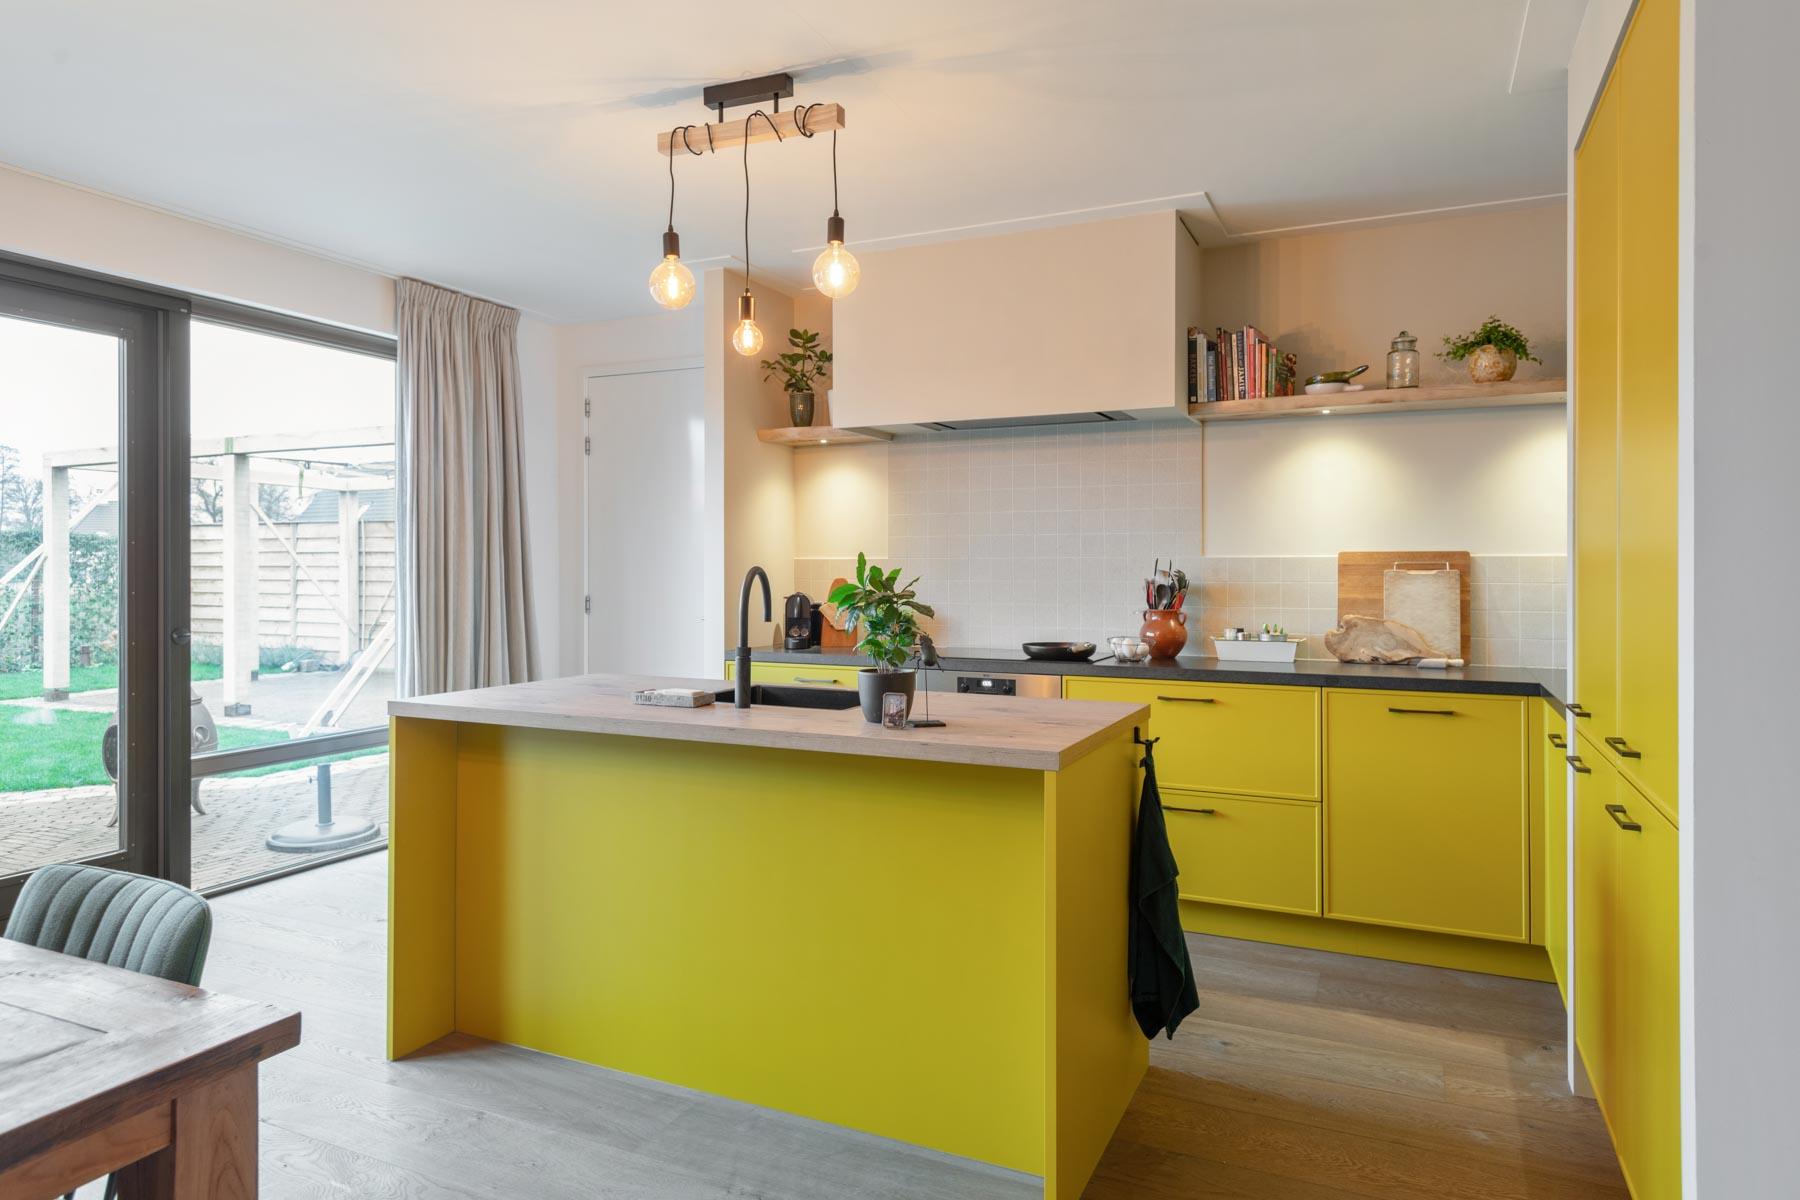 Keuken met uitgesproken kleurstelling